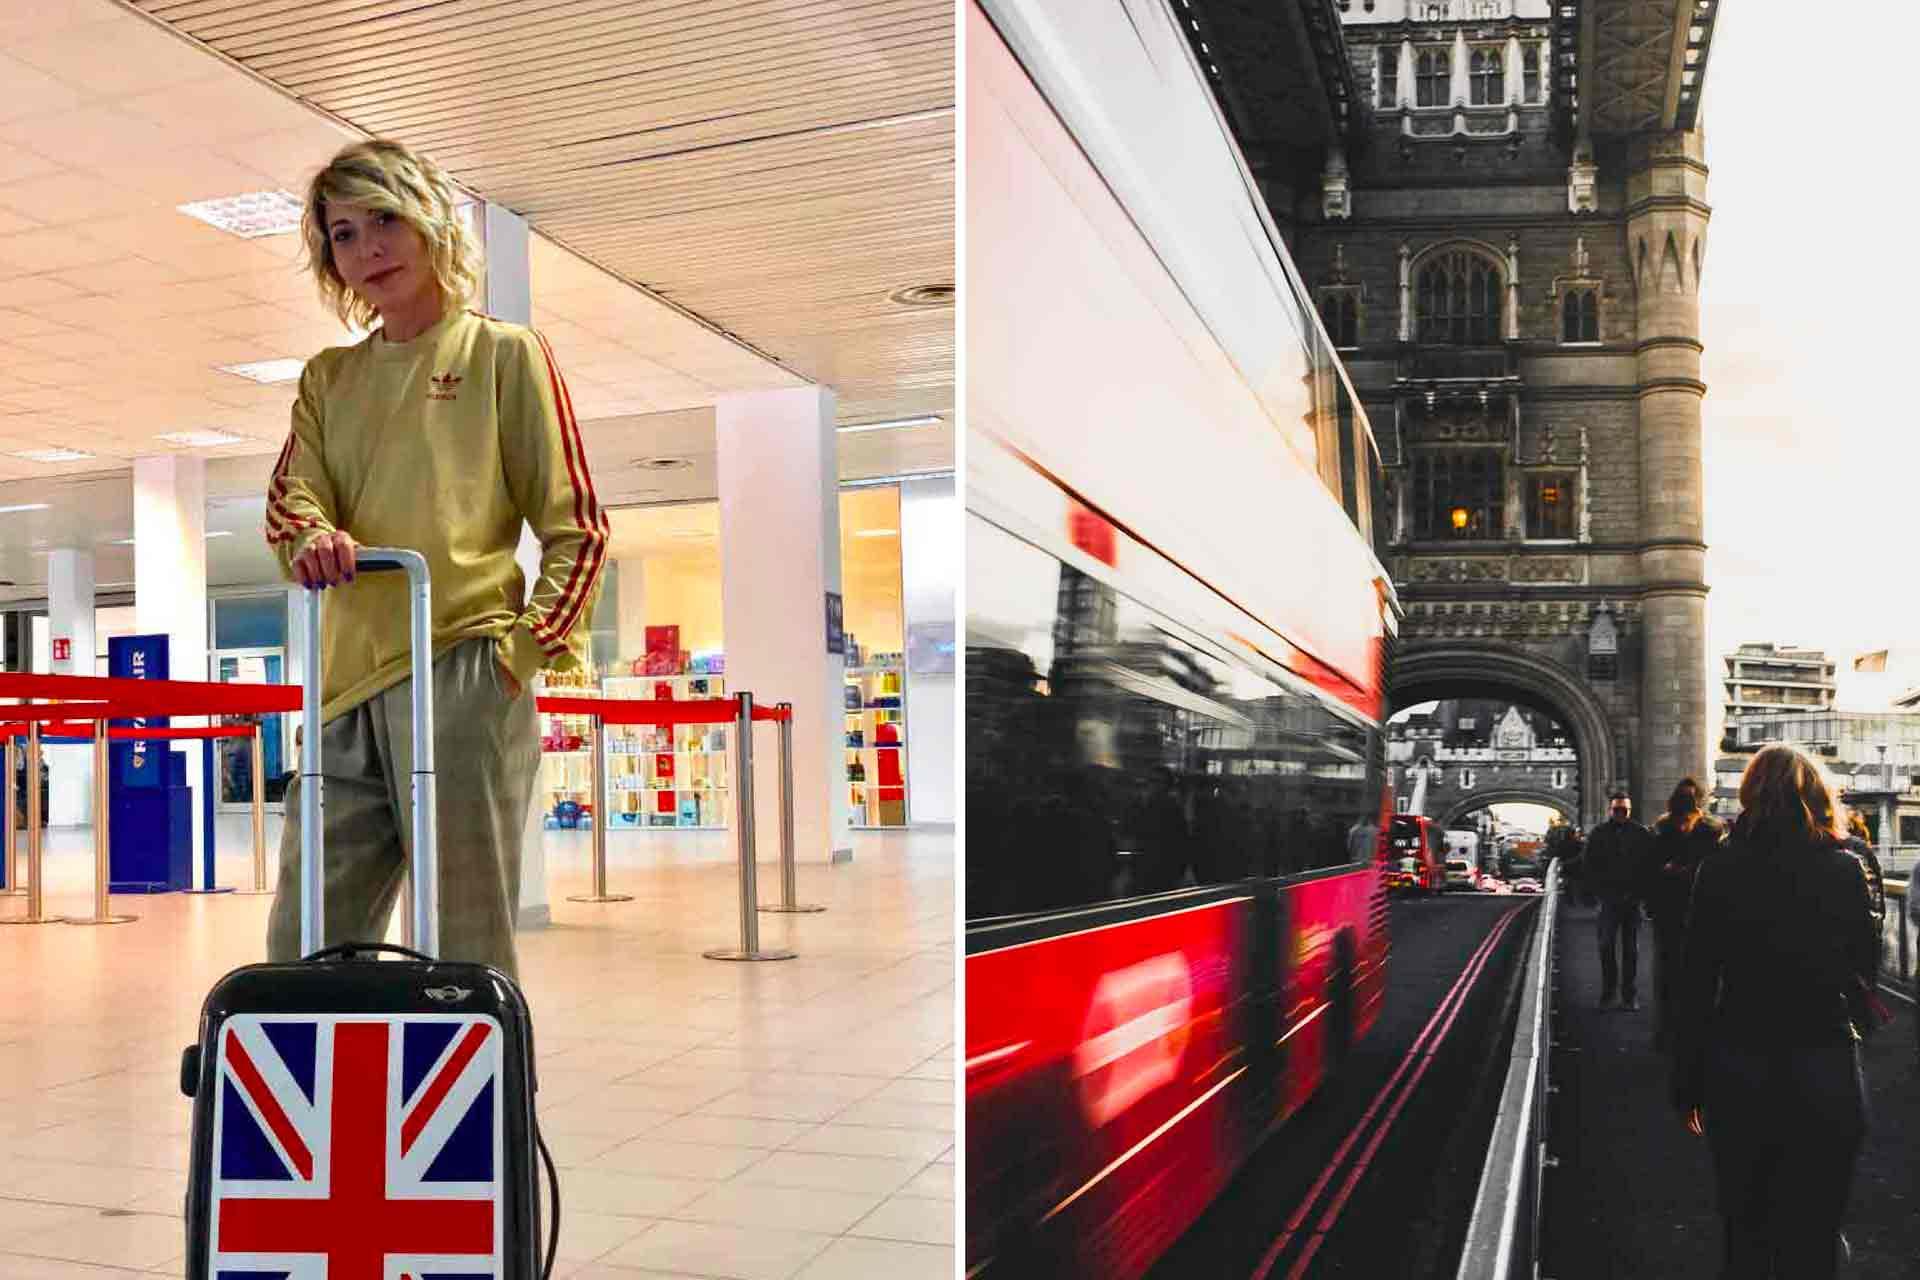 Londra, consigli per due giorni: dove dormire, dove andare ...